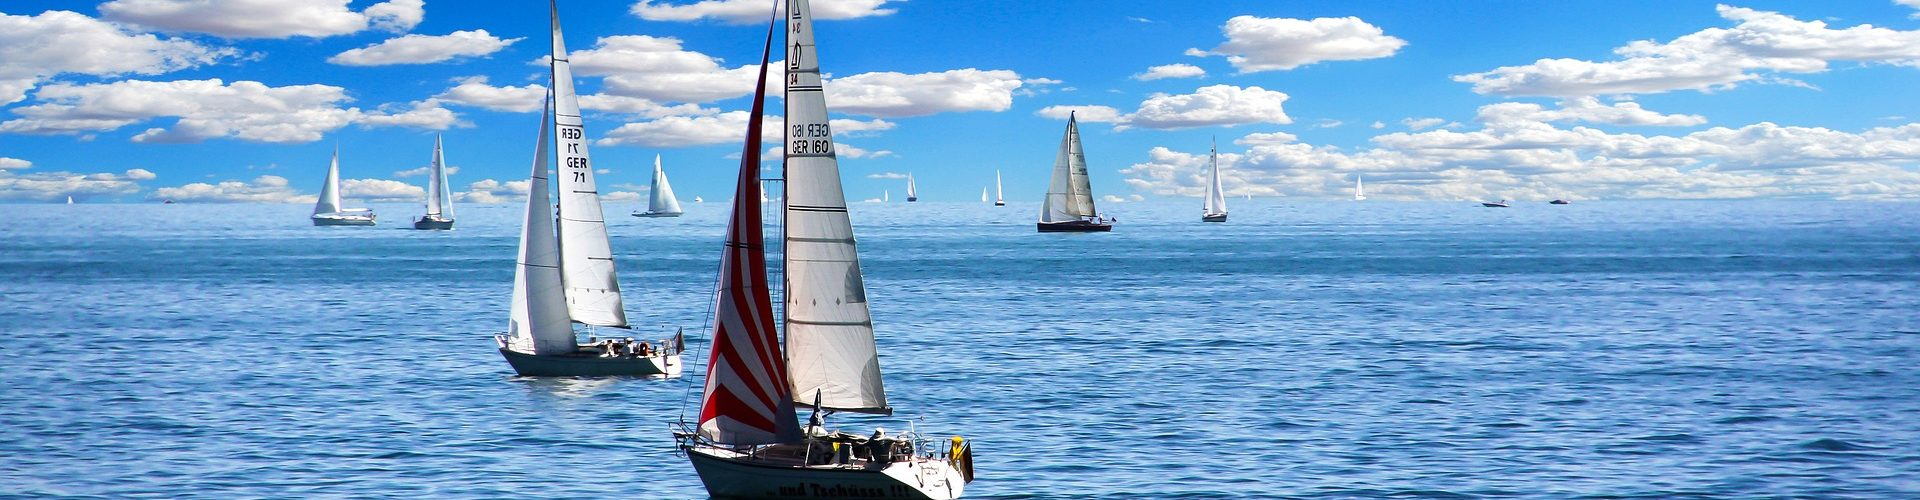 segeln lernen in Süderstapel segelschein machen in Süderstapel 1920x500 - Segeln lernen in Süderstapel